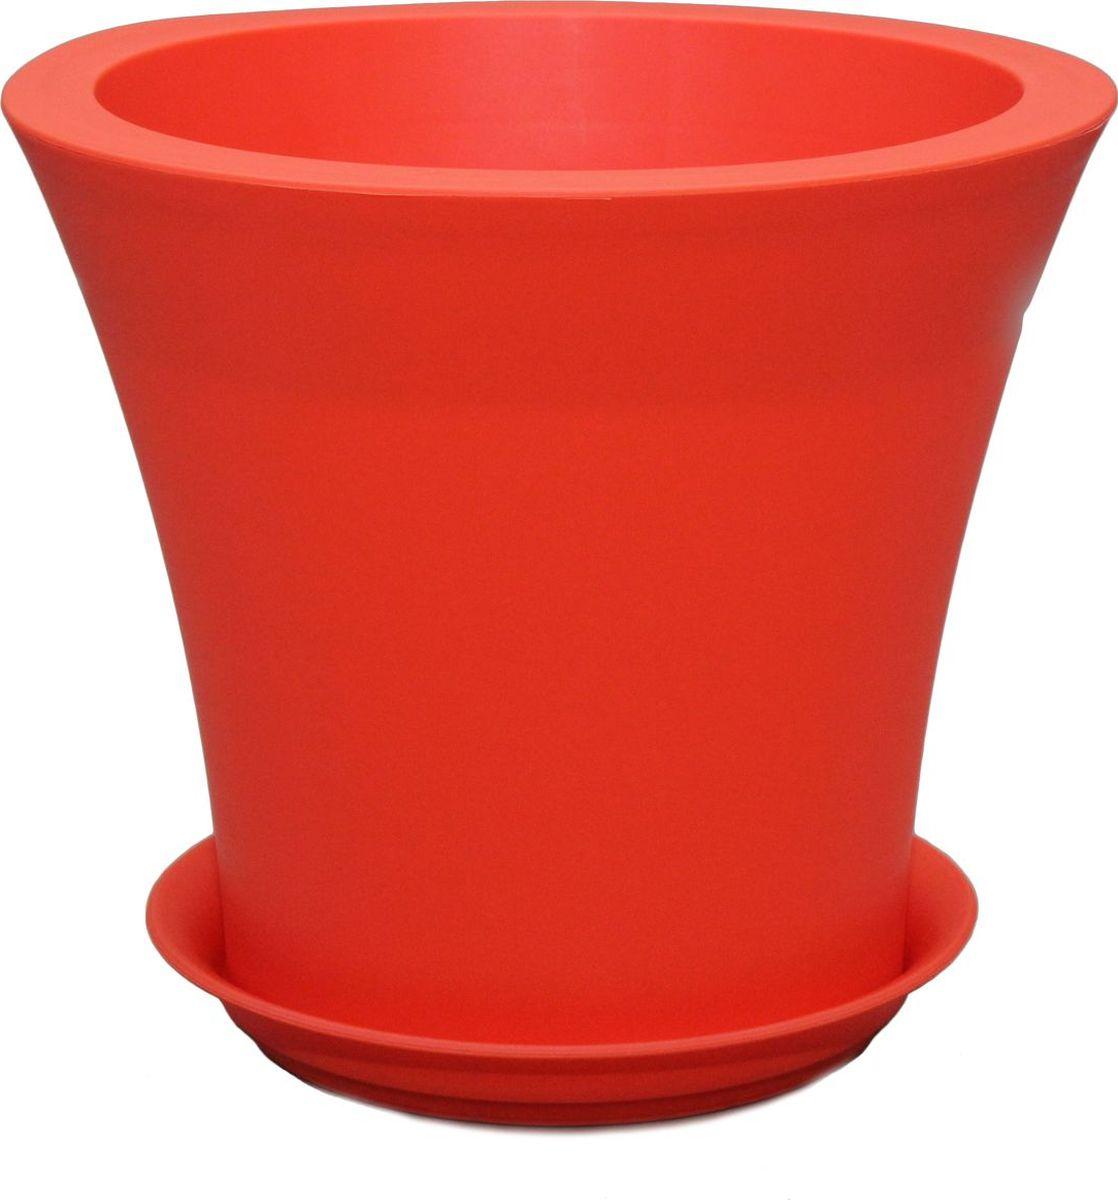 Горшок для цветов Plast Avenue Твист, с поддоном, цвет: оранжевый, диаметр 25 см4612754053872Яркий, вместительный и современный горшок Plast Avenue Твист идеально подходит как для улицы, так и для помещений.